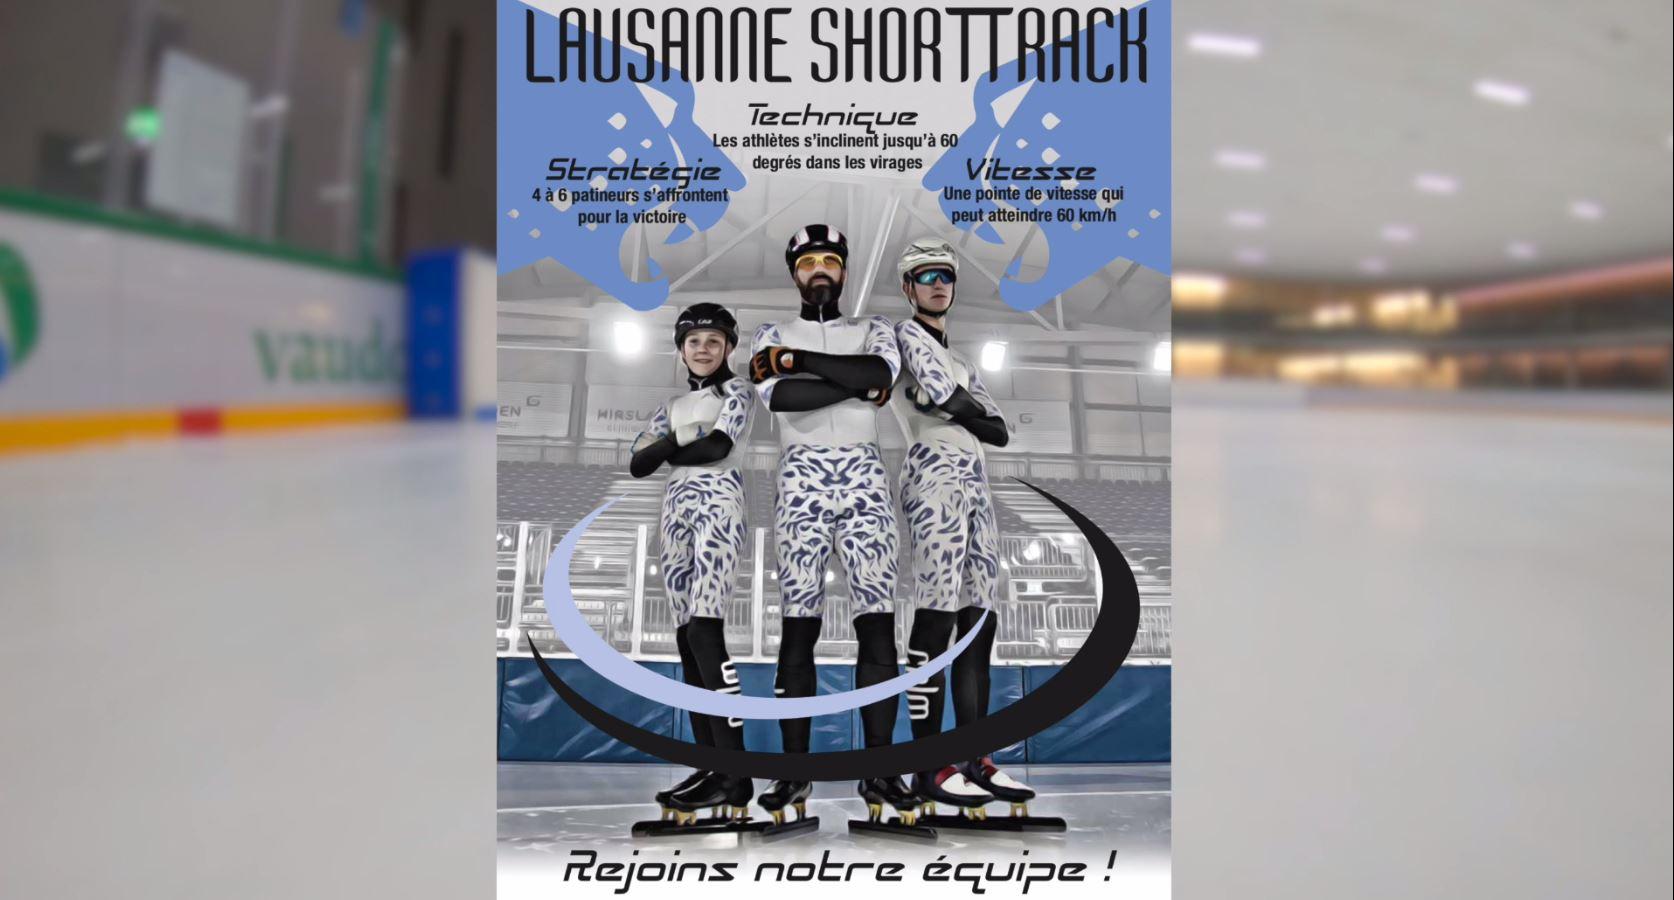 Vidéo de promotion du short track à la Vaudoise aréna